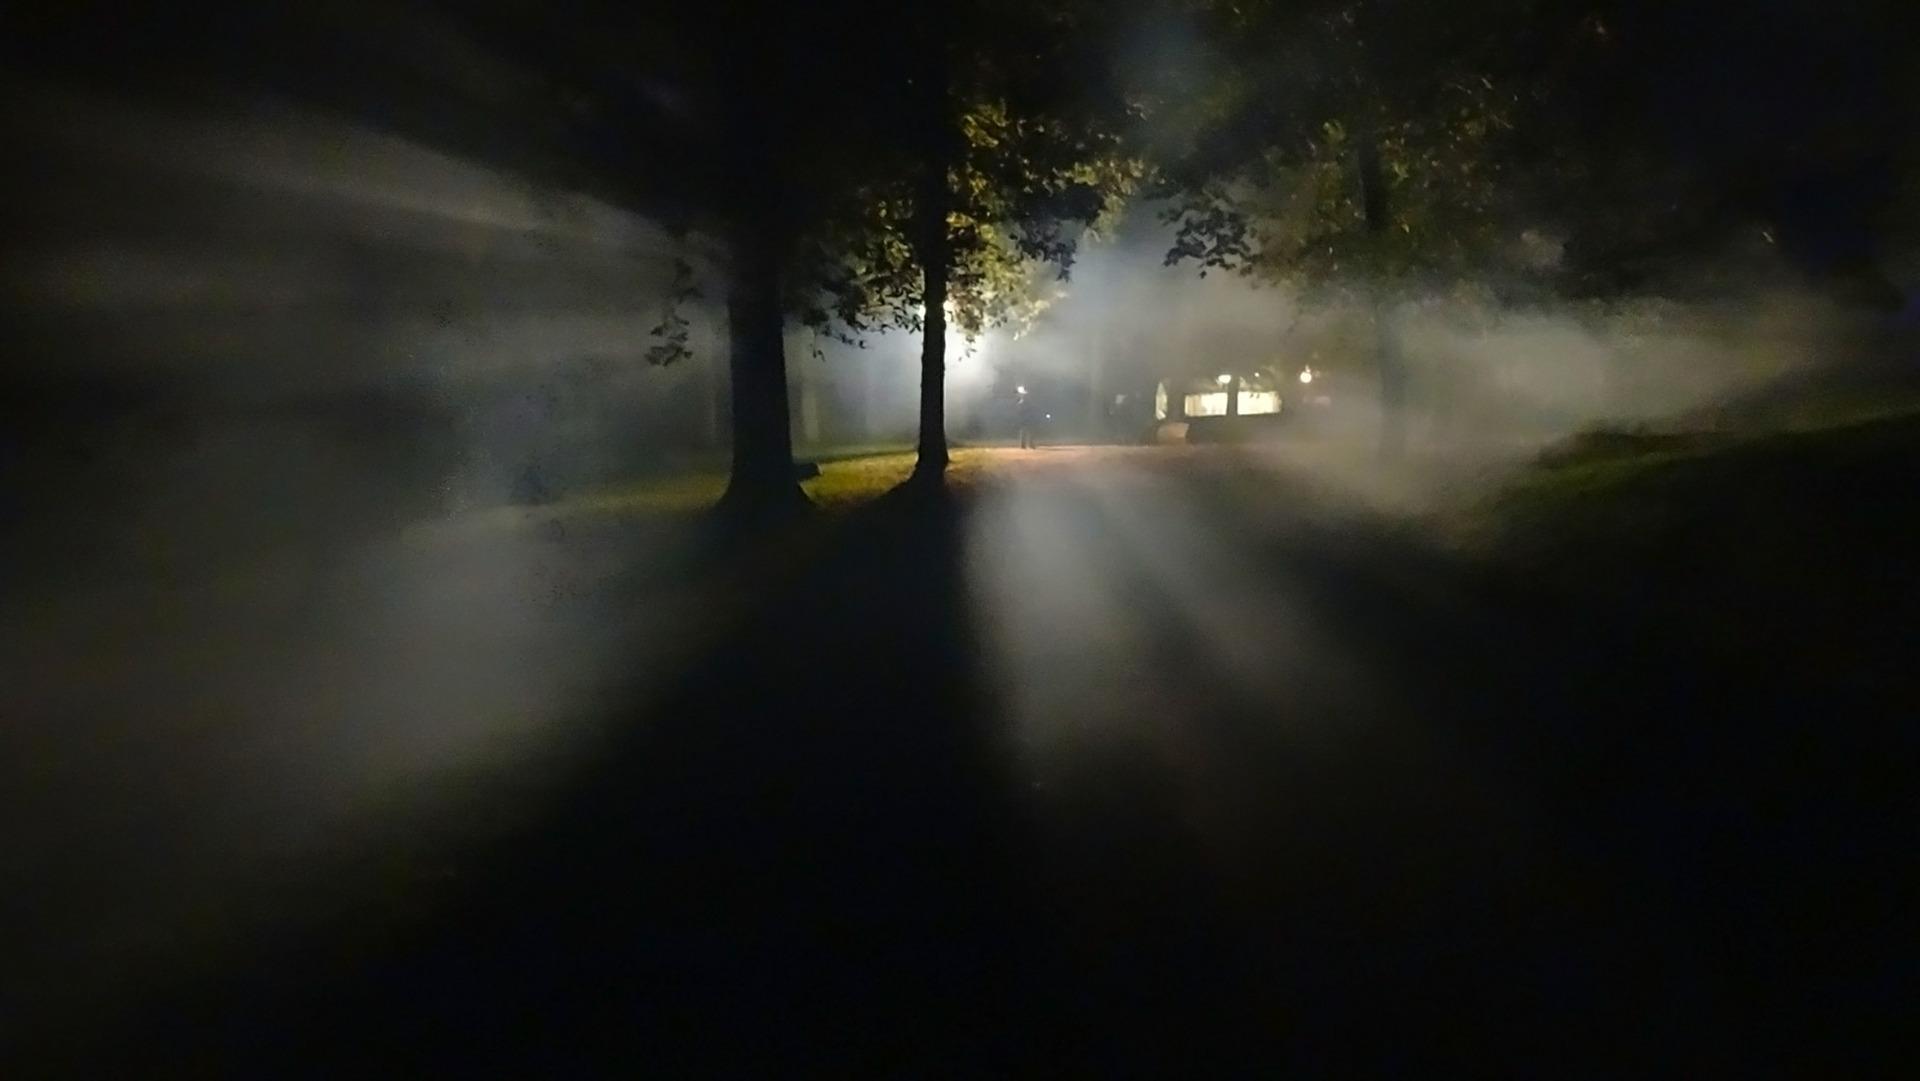 Niebla en la noche de un frondoso bosque